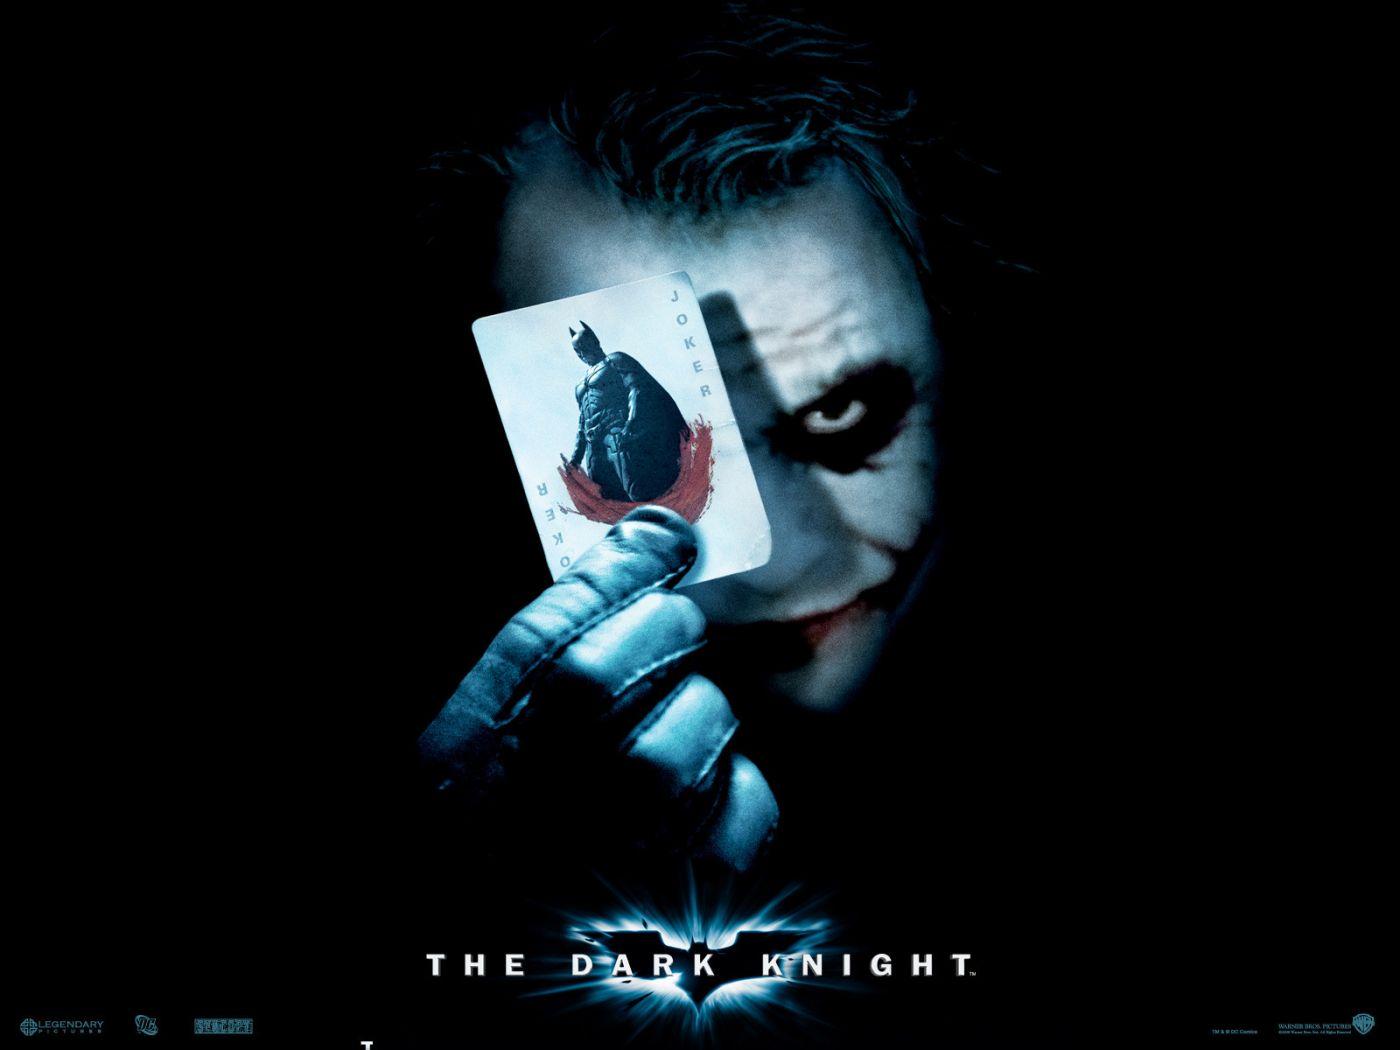 Joker Batman Card Poster Wallpaper 1400x1050